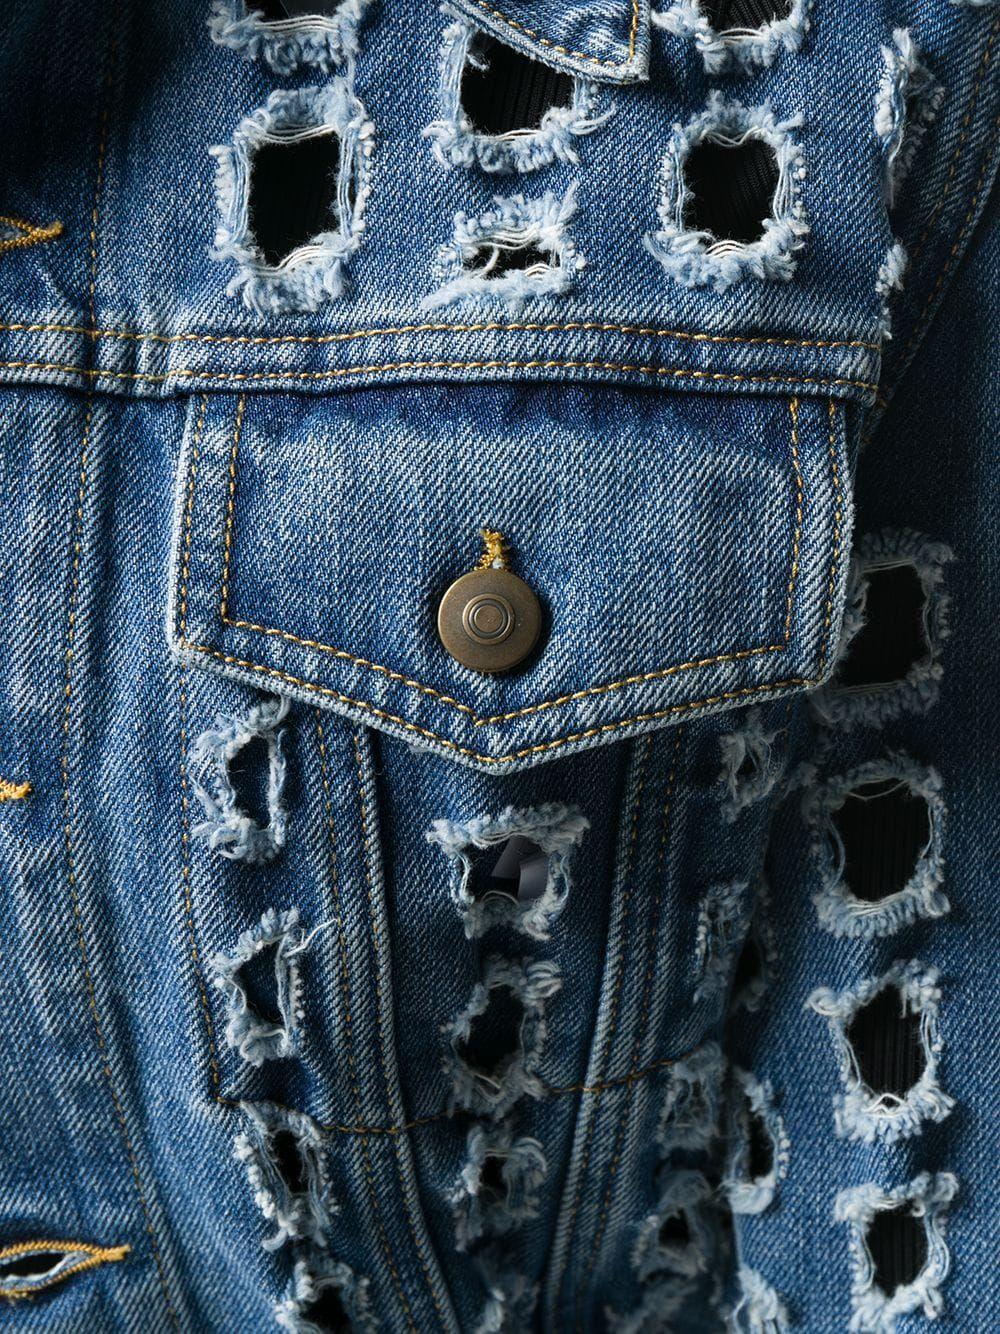 Maison Margiela Punched Hole Denim Jacket Farfetch Denim Jacket Diy Denim Jacket Maison Margiela [ 1334 x 1000 Pixel ]